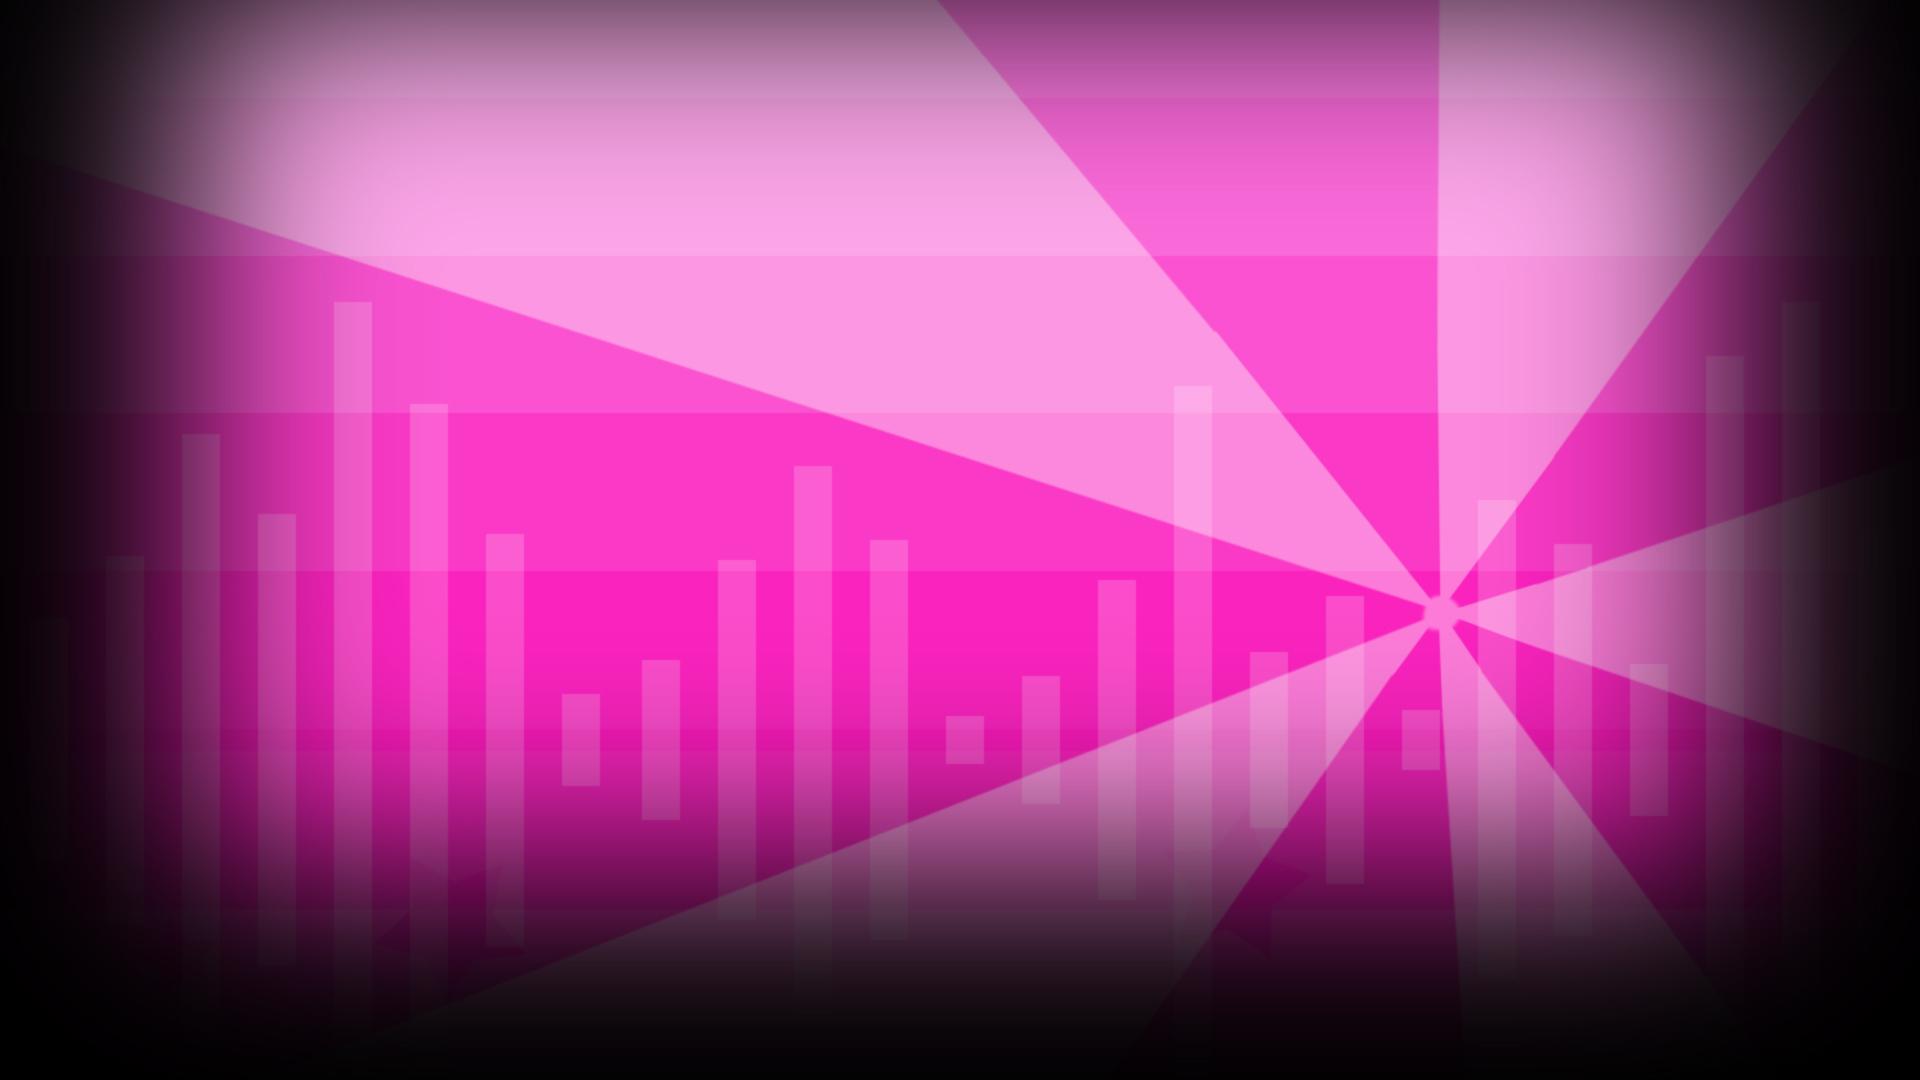 Pink Pinks